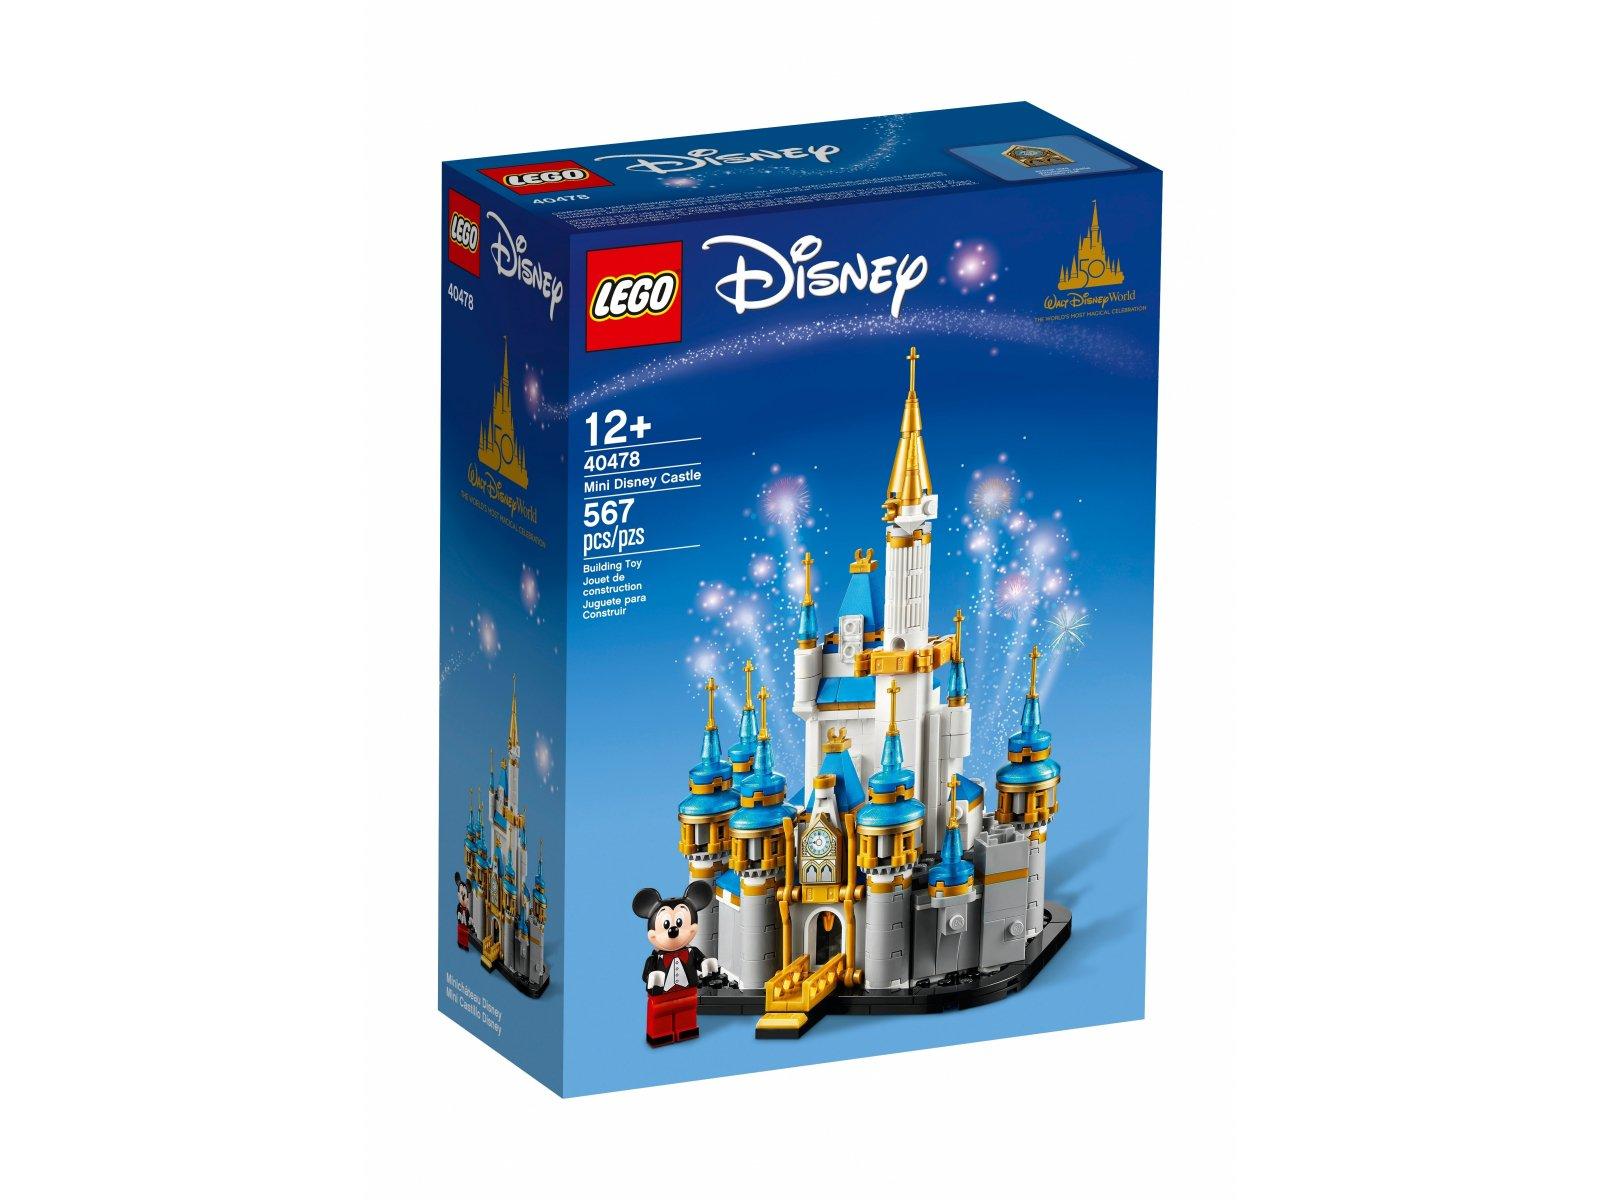 LEGO Disney Miniaturowy zamek Disneya 40478